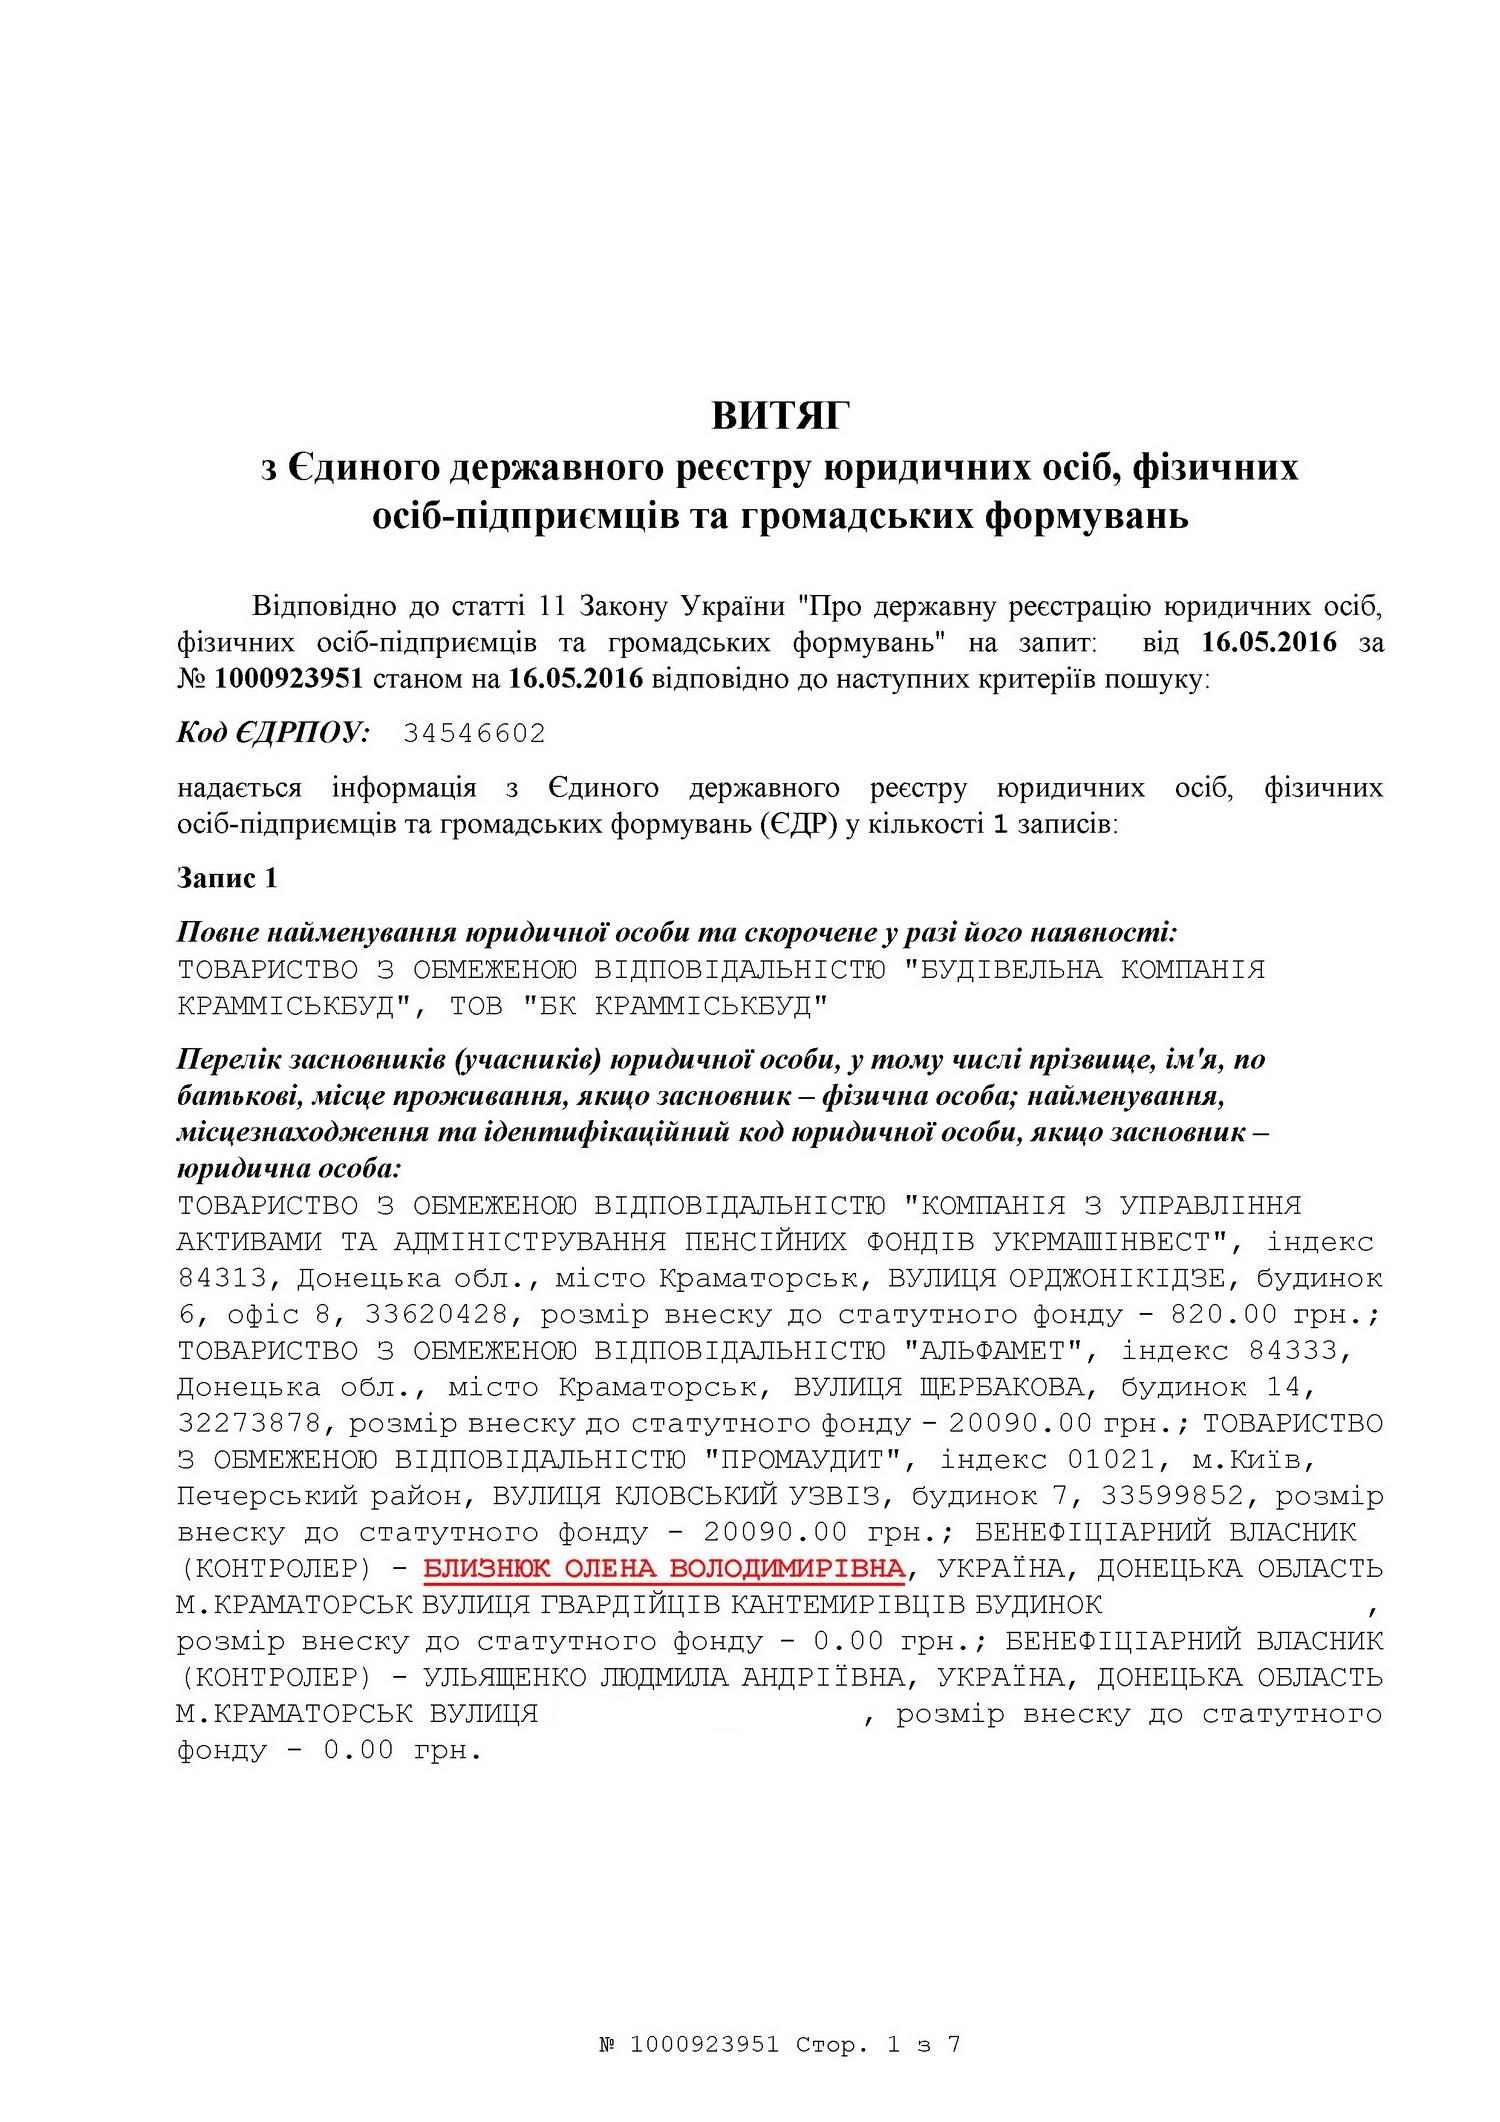 Жебрівський похвалився, як фірма Близнюка відремонтує адмінбудівлю за найвищу ціну - фото 3